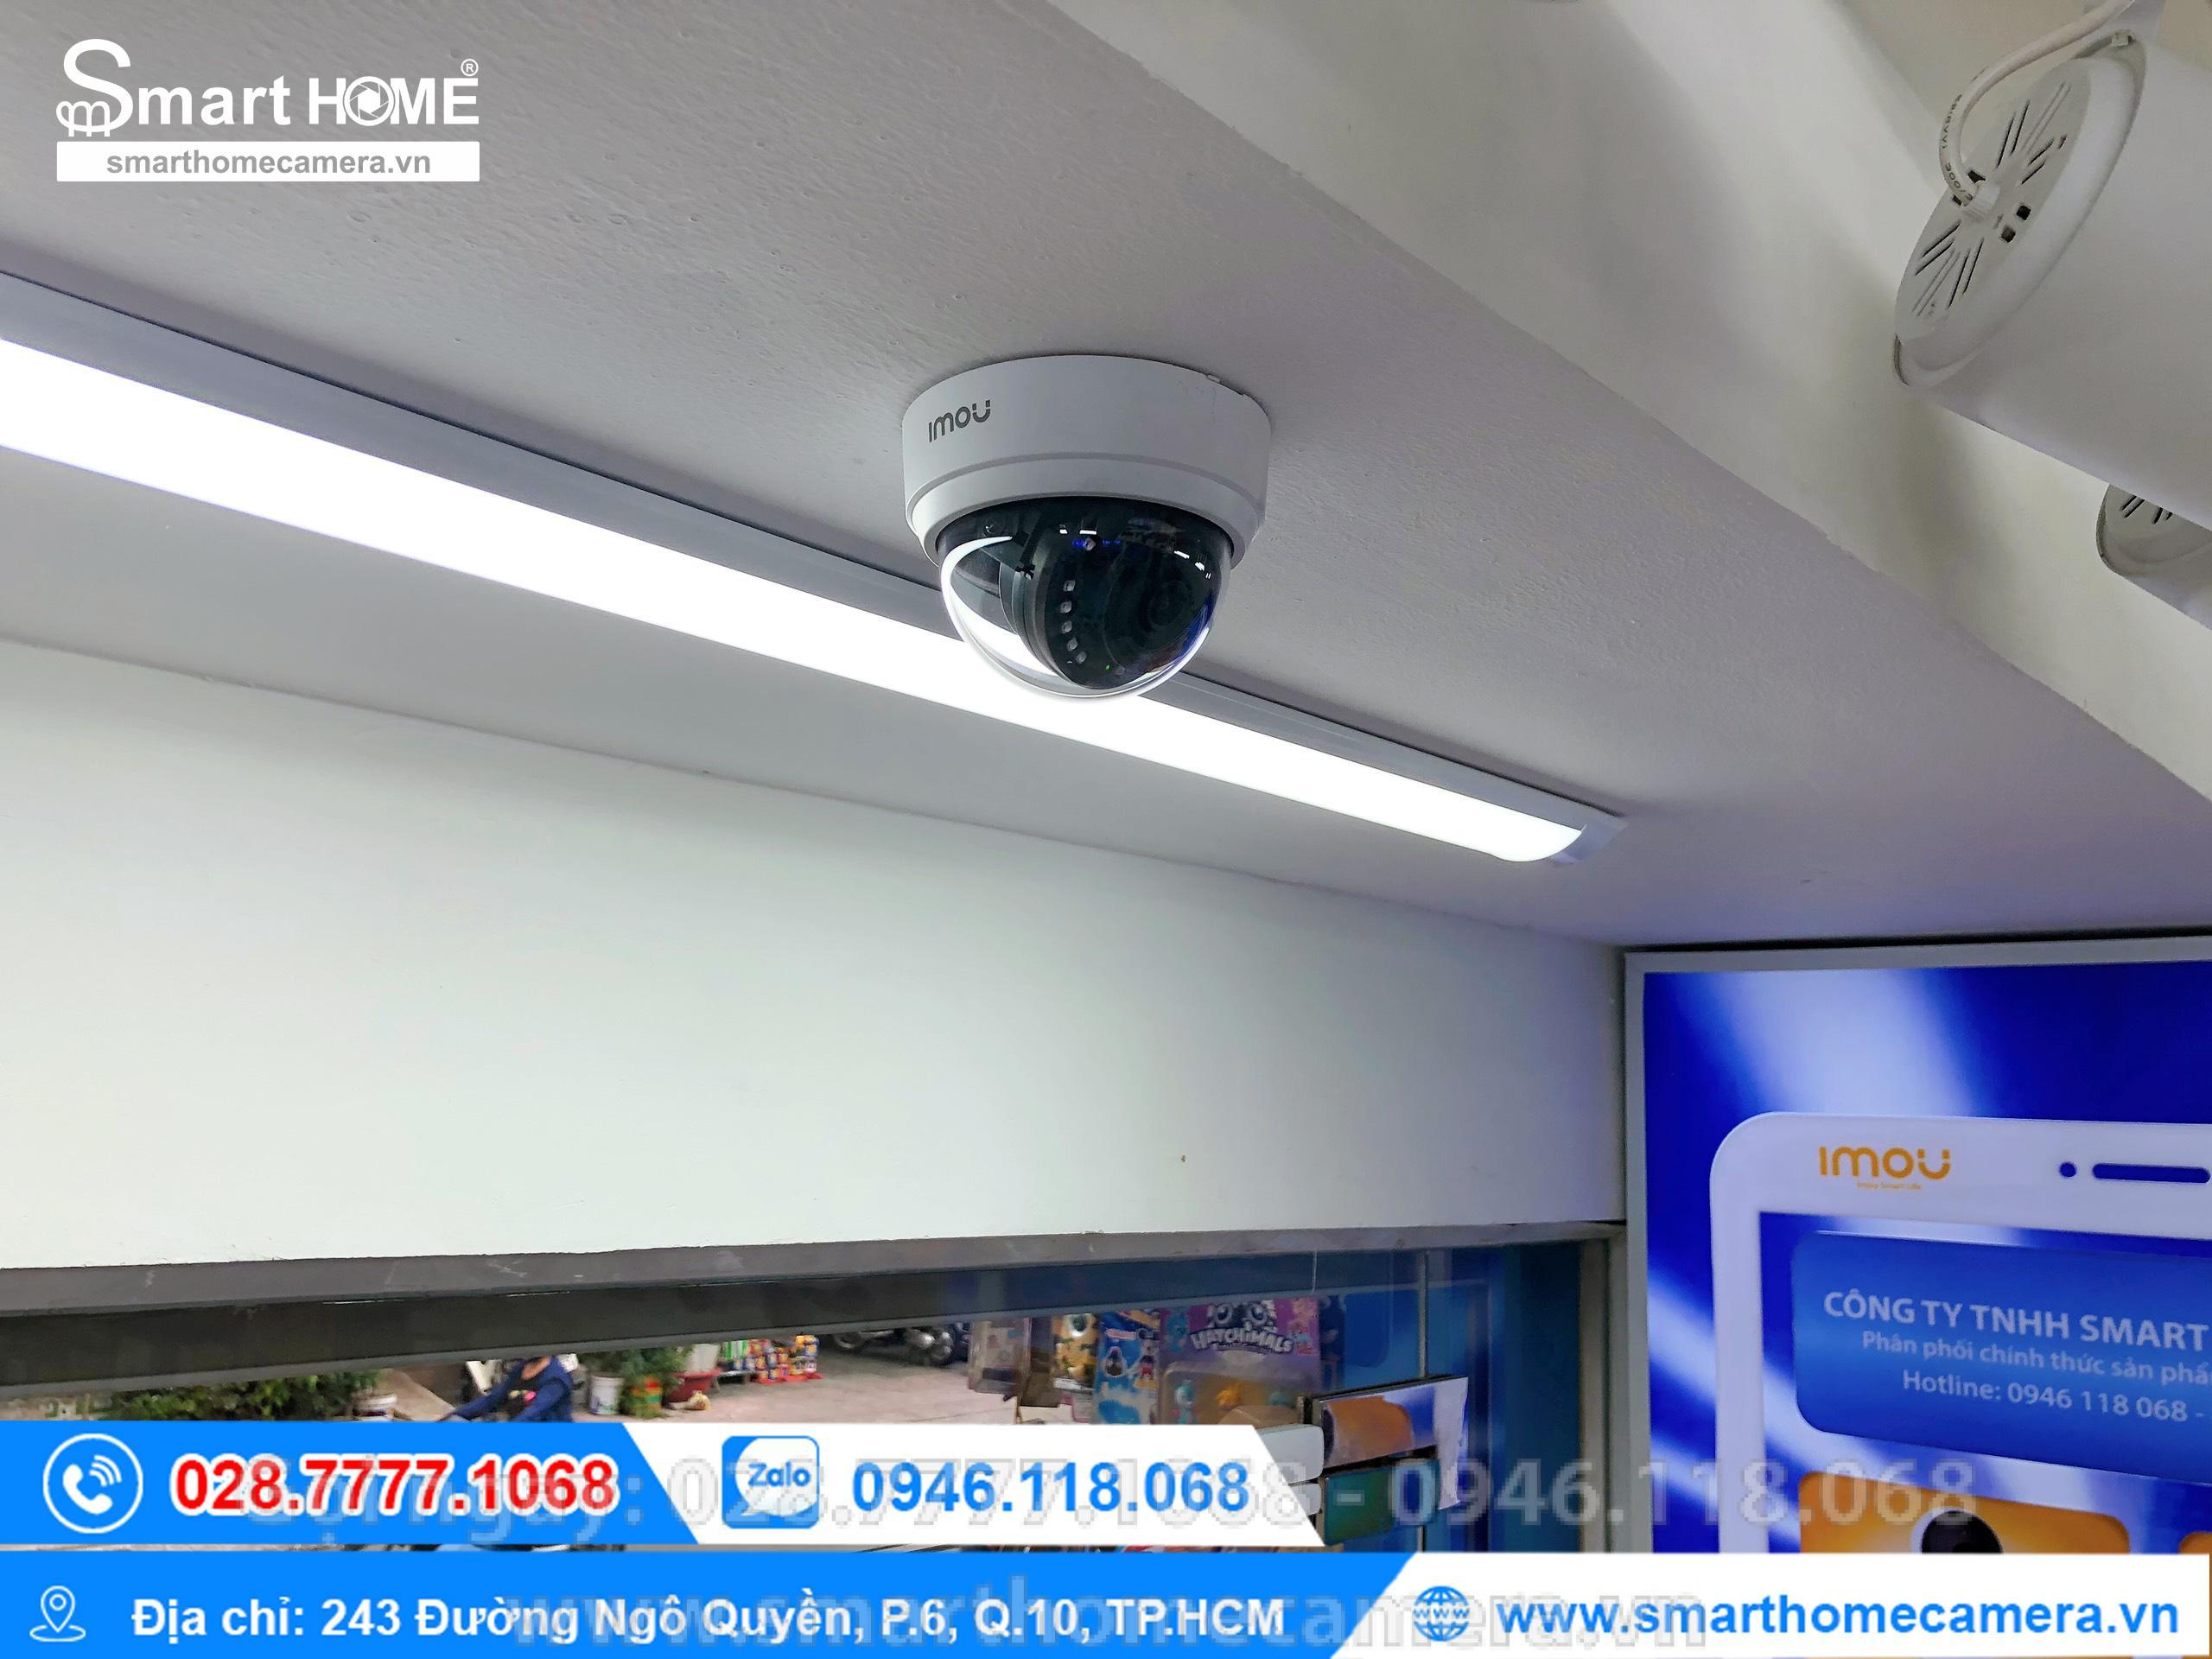 Camera Wifi IMOU IP Dome D42P 4.0Mp - IPC-D42P-IMOU